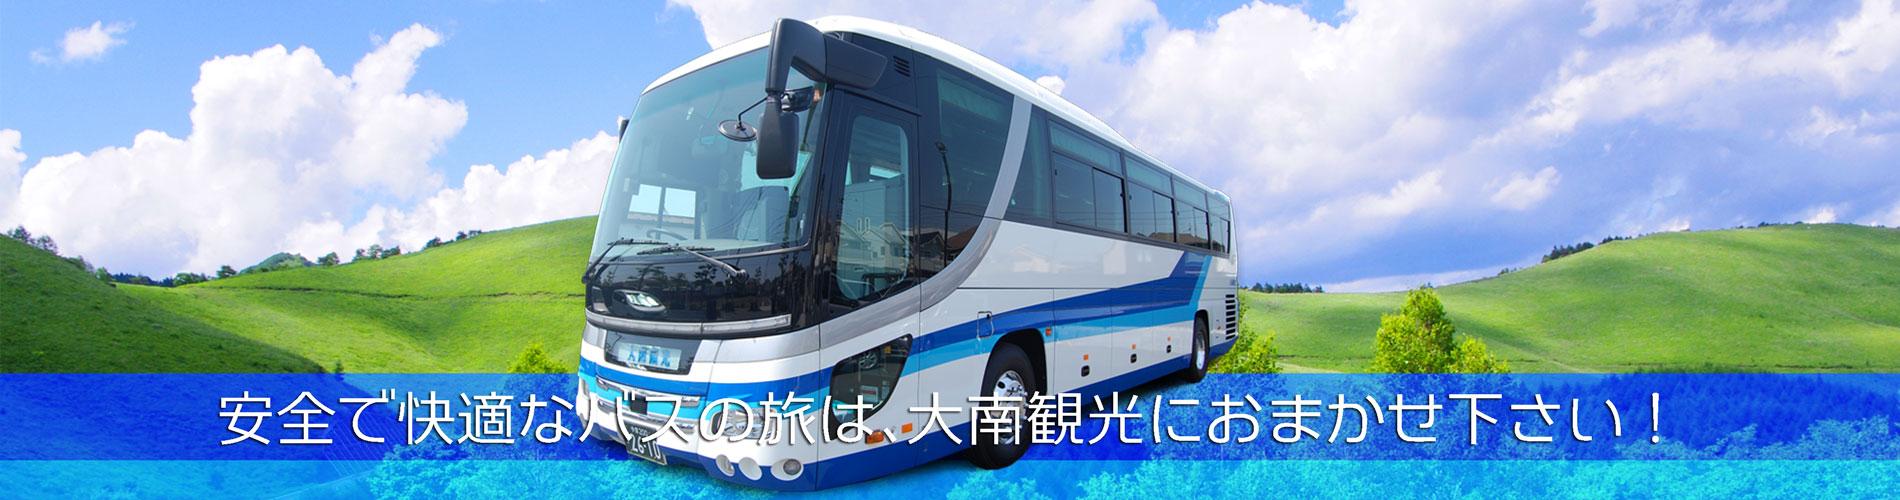 安全で快適なバス旅行は、大南観光におまかせください